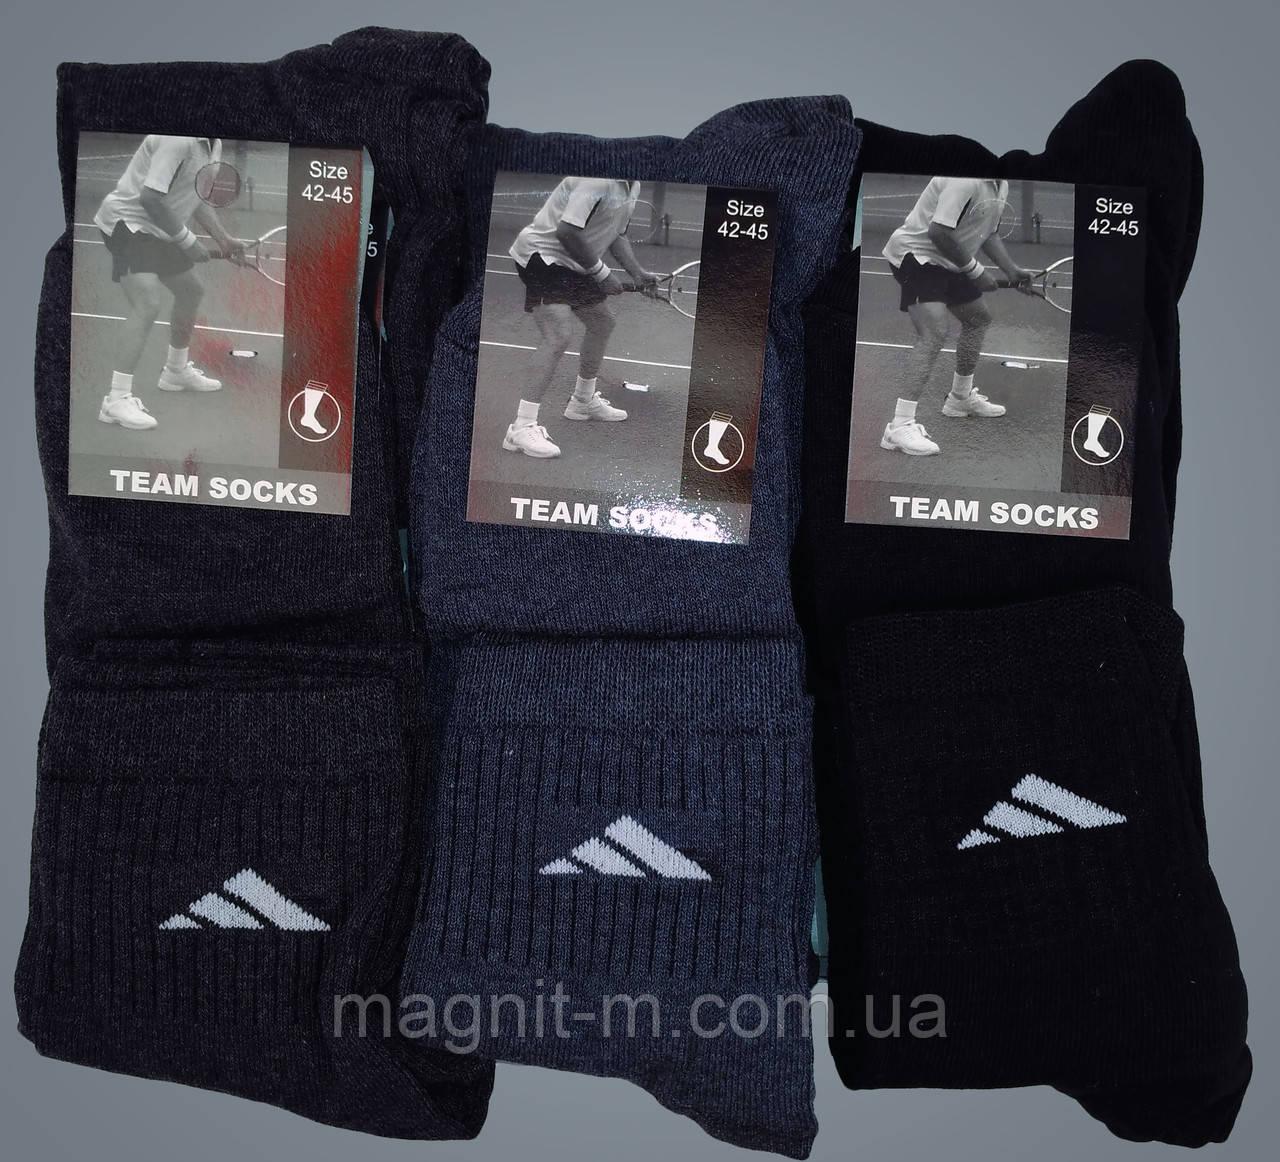 """Шкарпетки чоловічі """"Team Socks"""". Середньої висоти. Бавовна. Р-Р 42-45. (Роздріб)."""